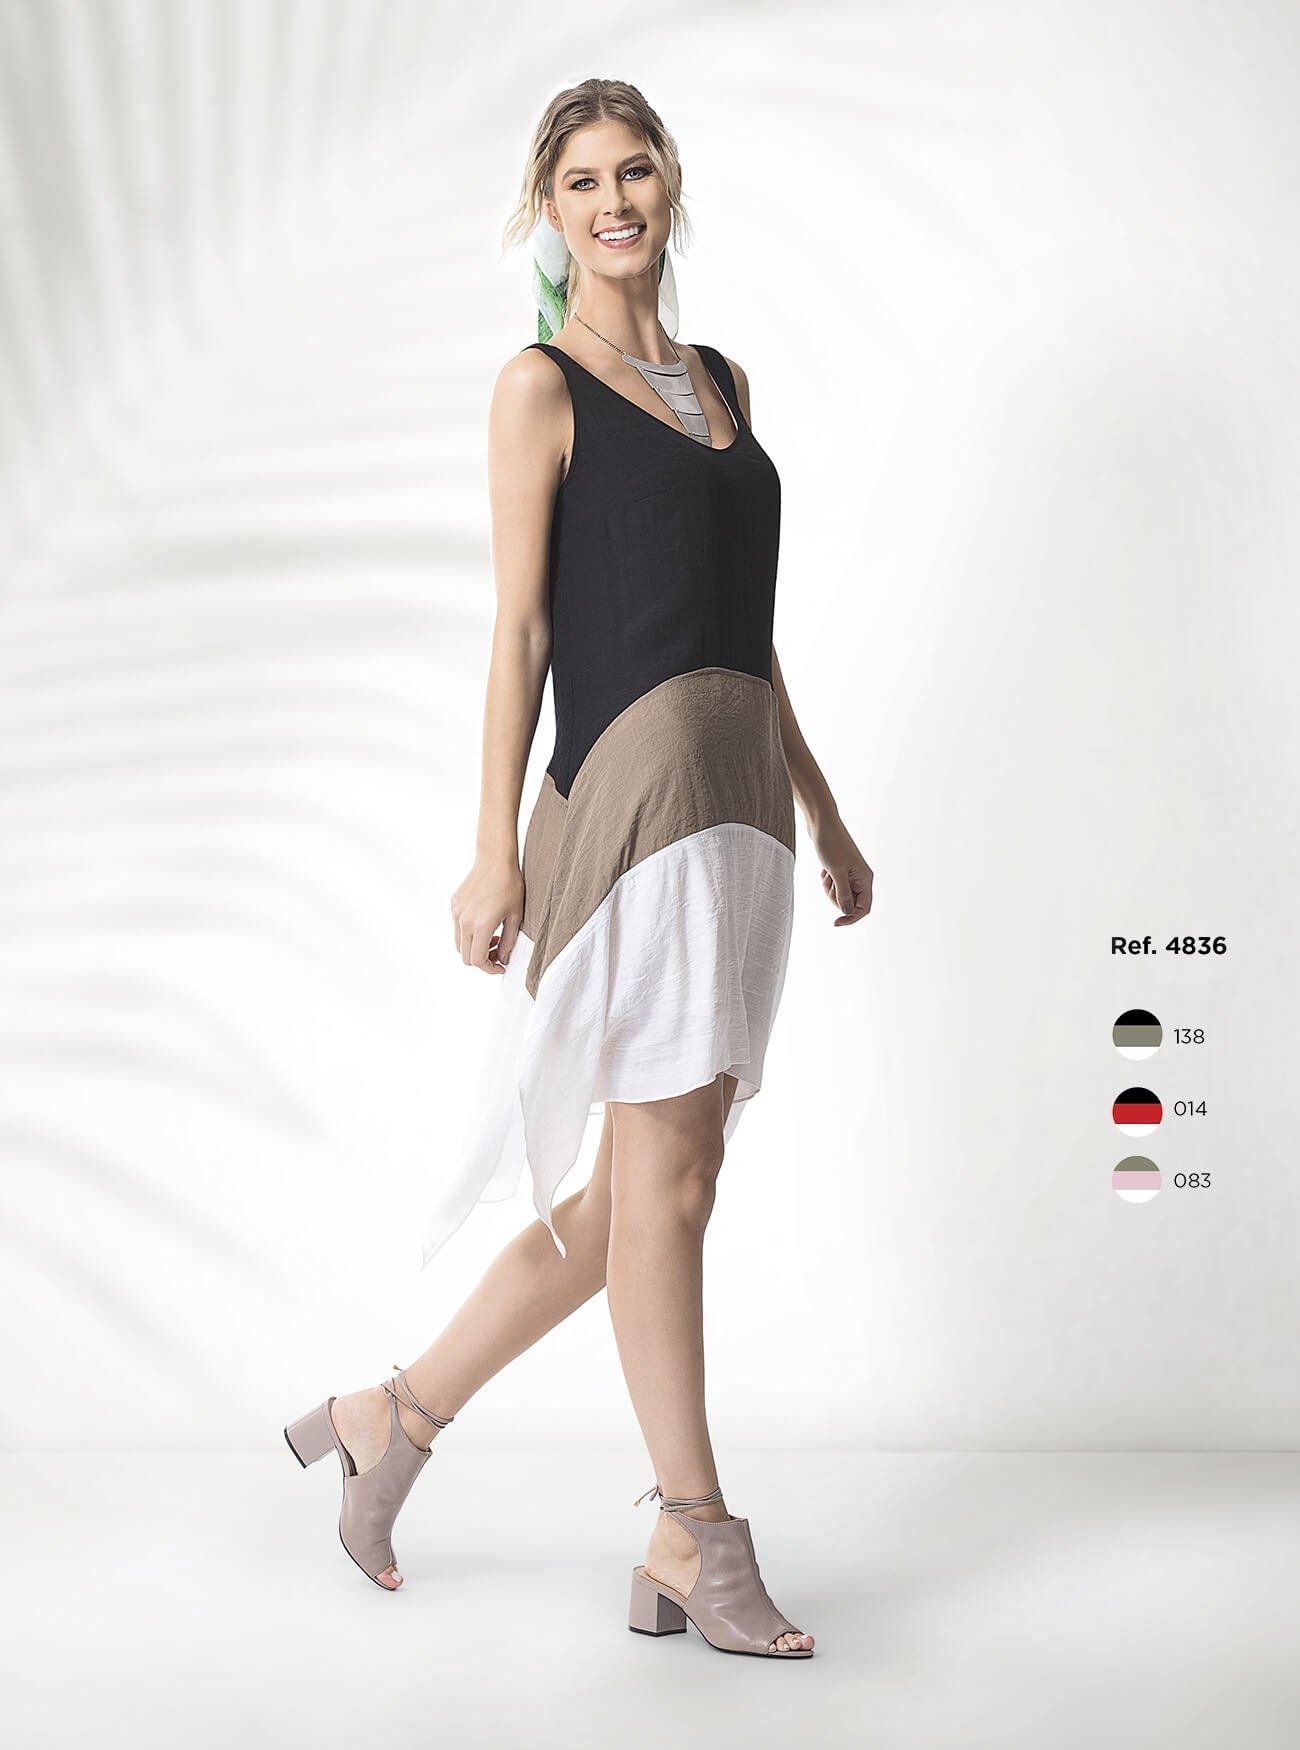 Vestido curto com 3 cores e detalhe com pontas